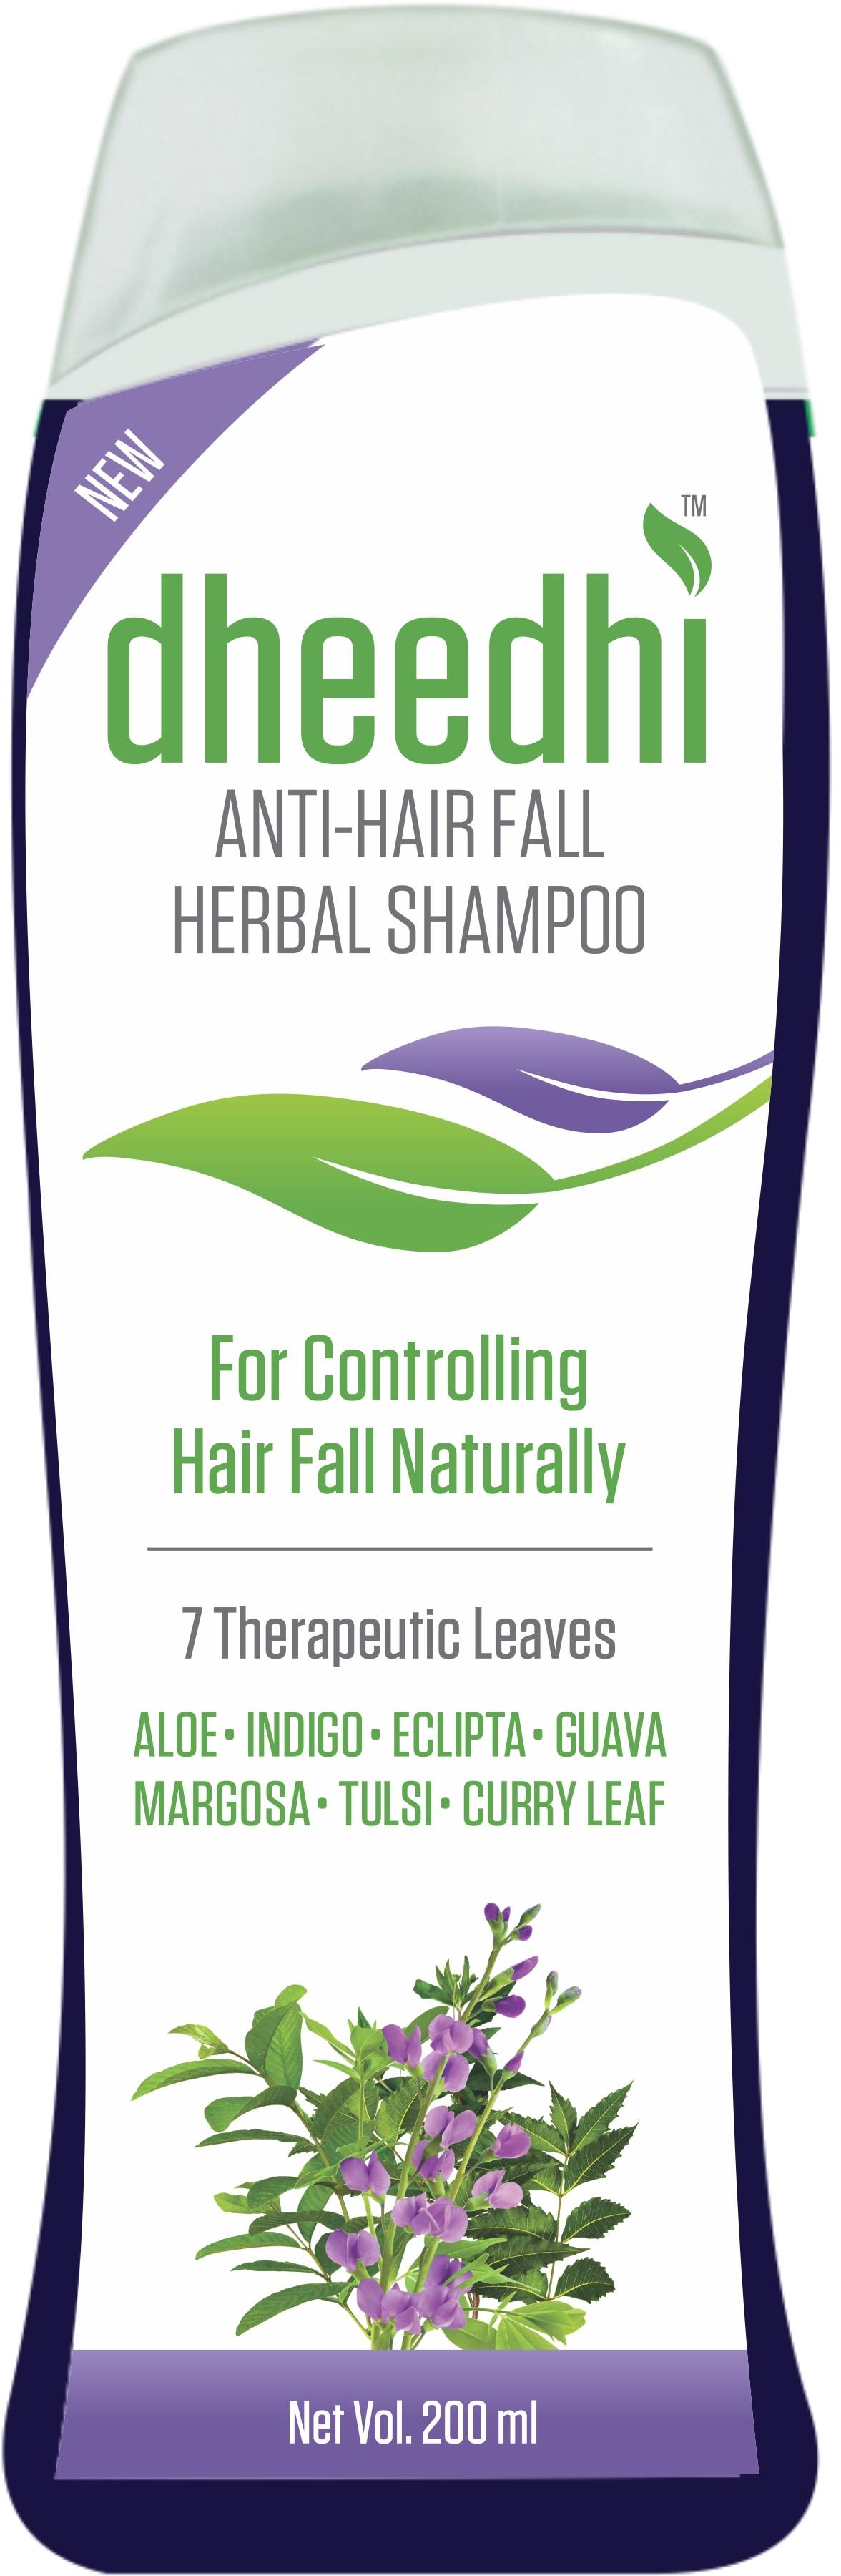 Dhathri Dheedi Anti-Hair Fall Herbal Shampoo For Controlling Hair Fall Naturally (200 ml)